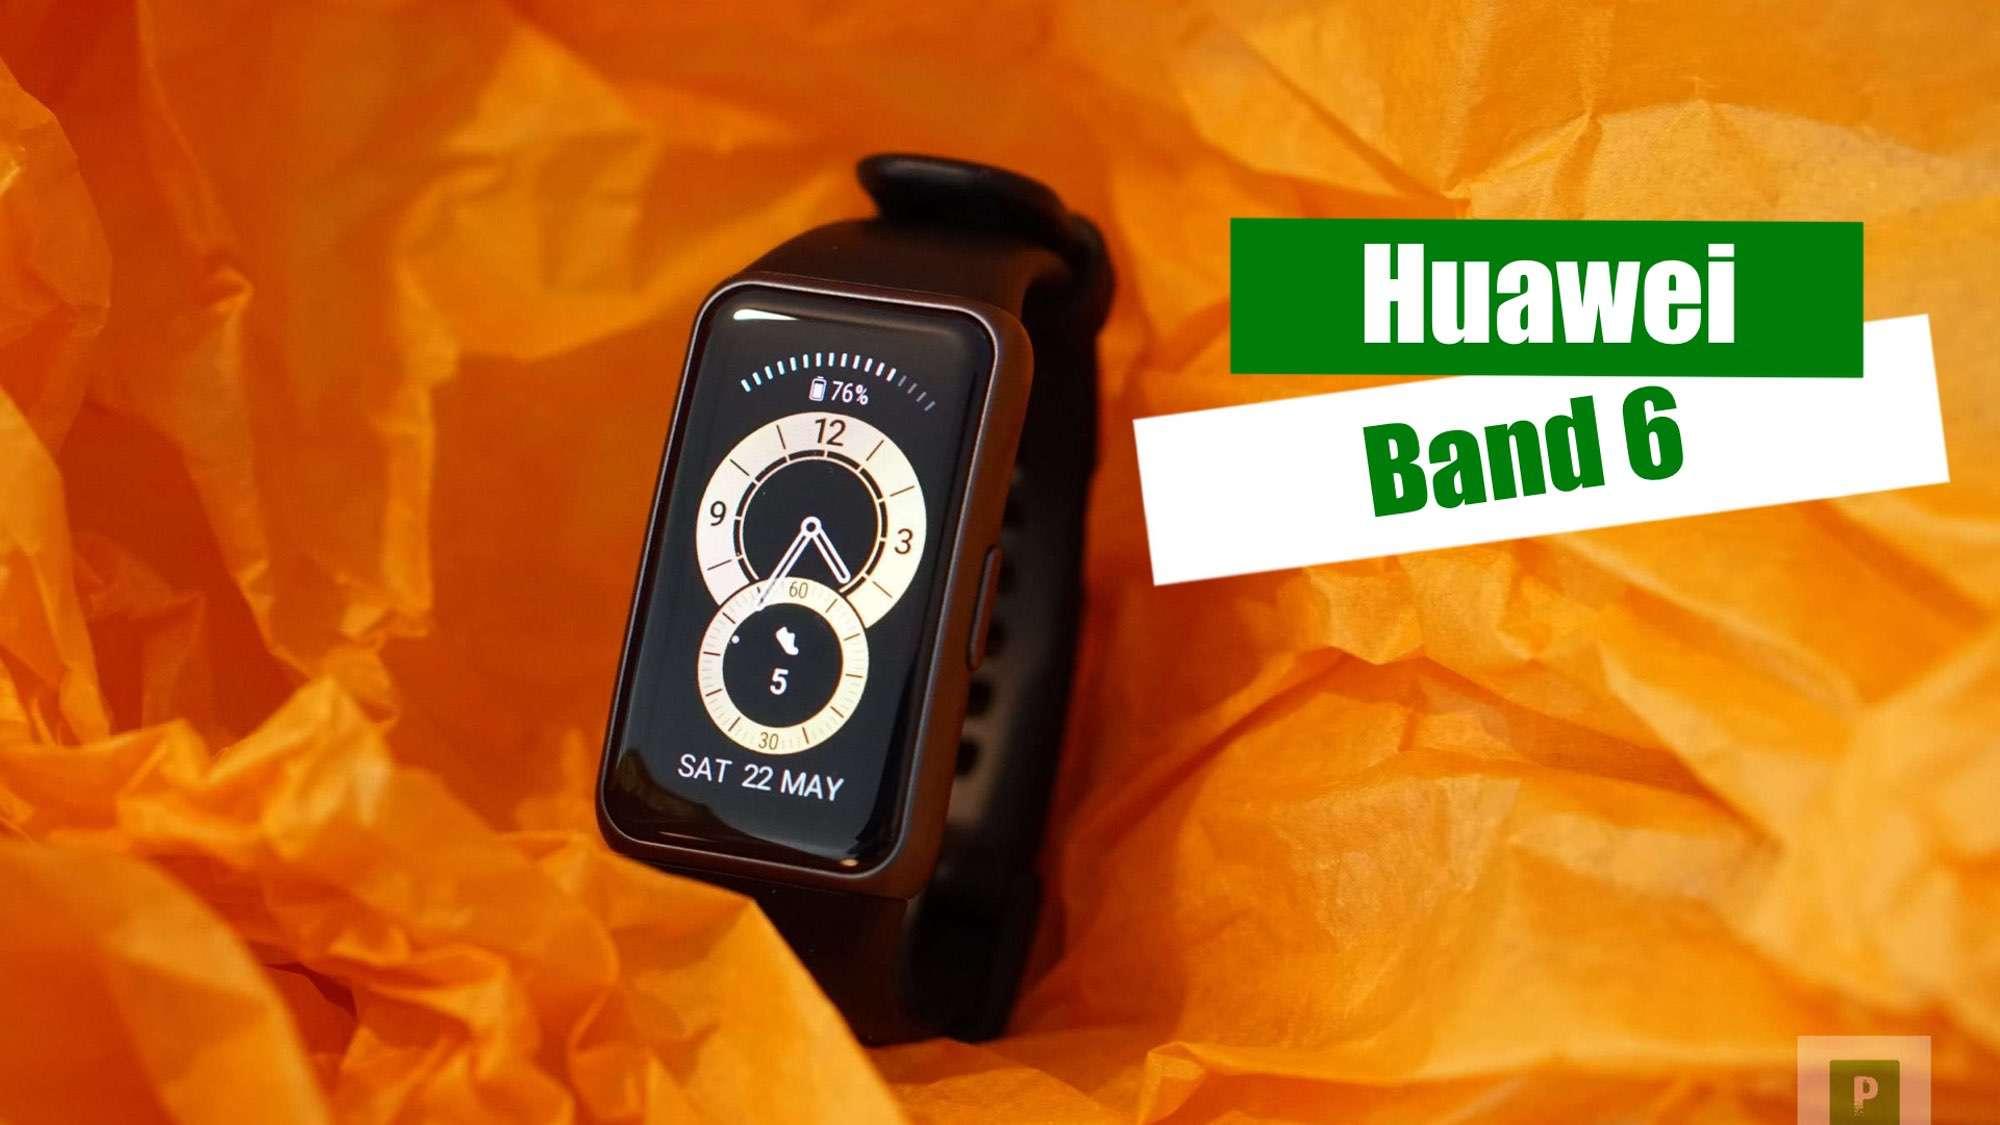 Video – Huawei Band 6